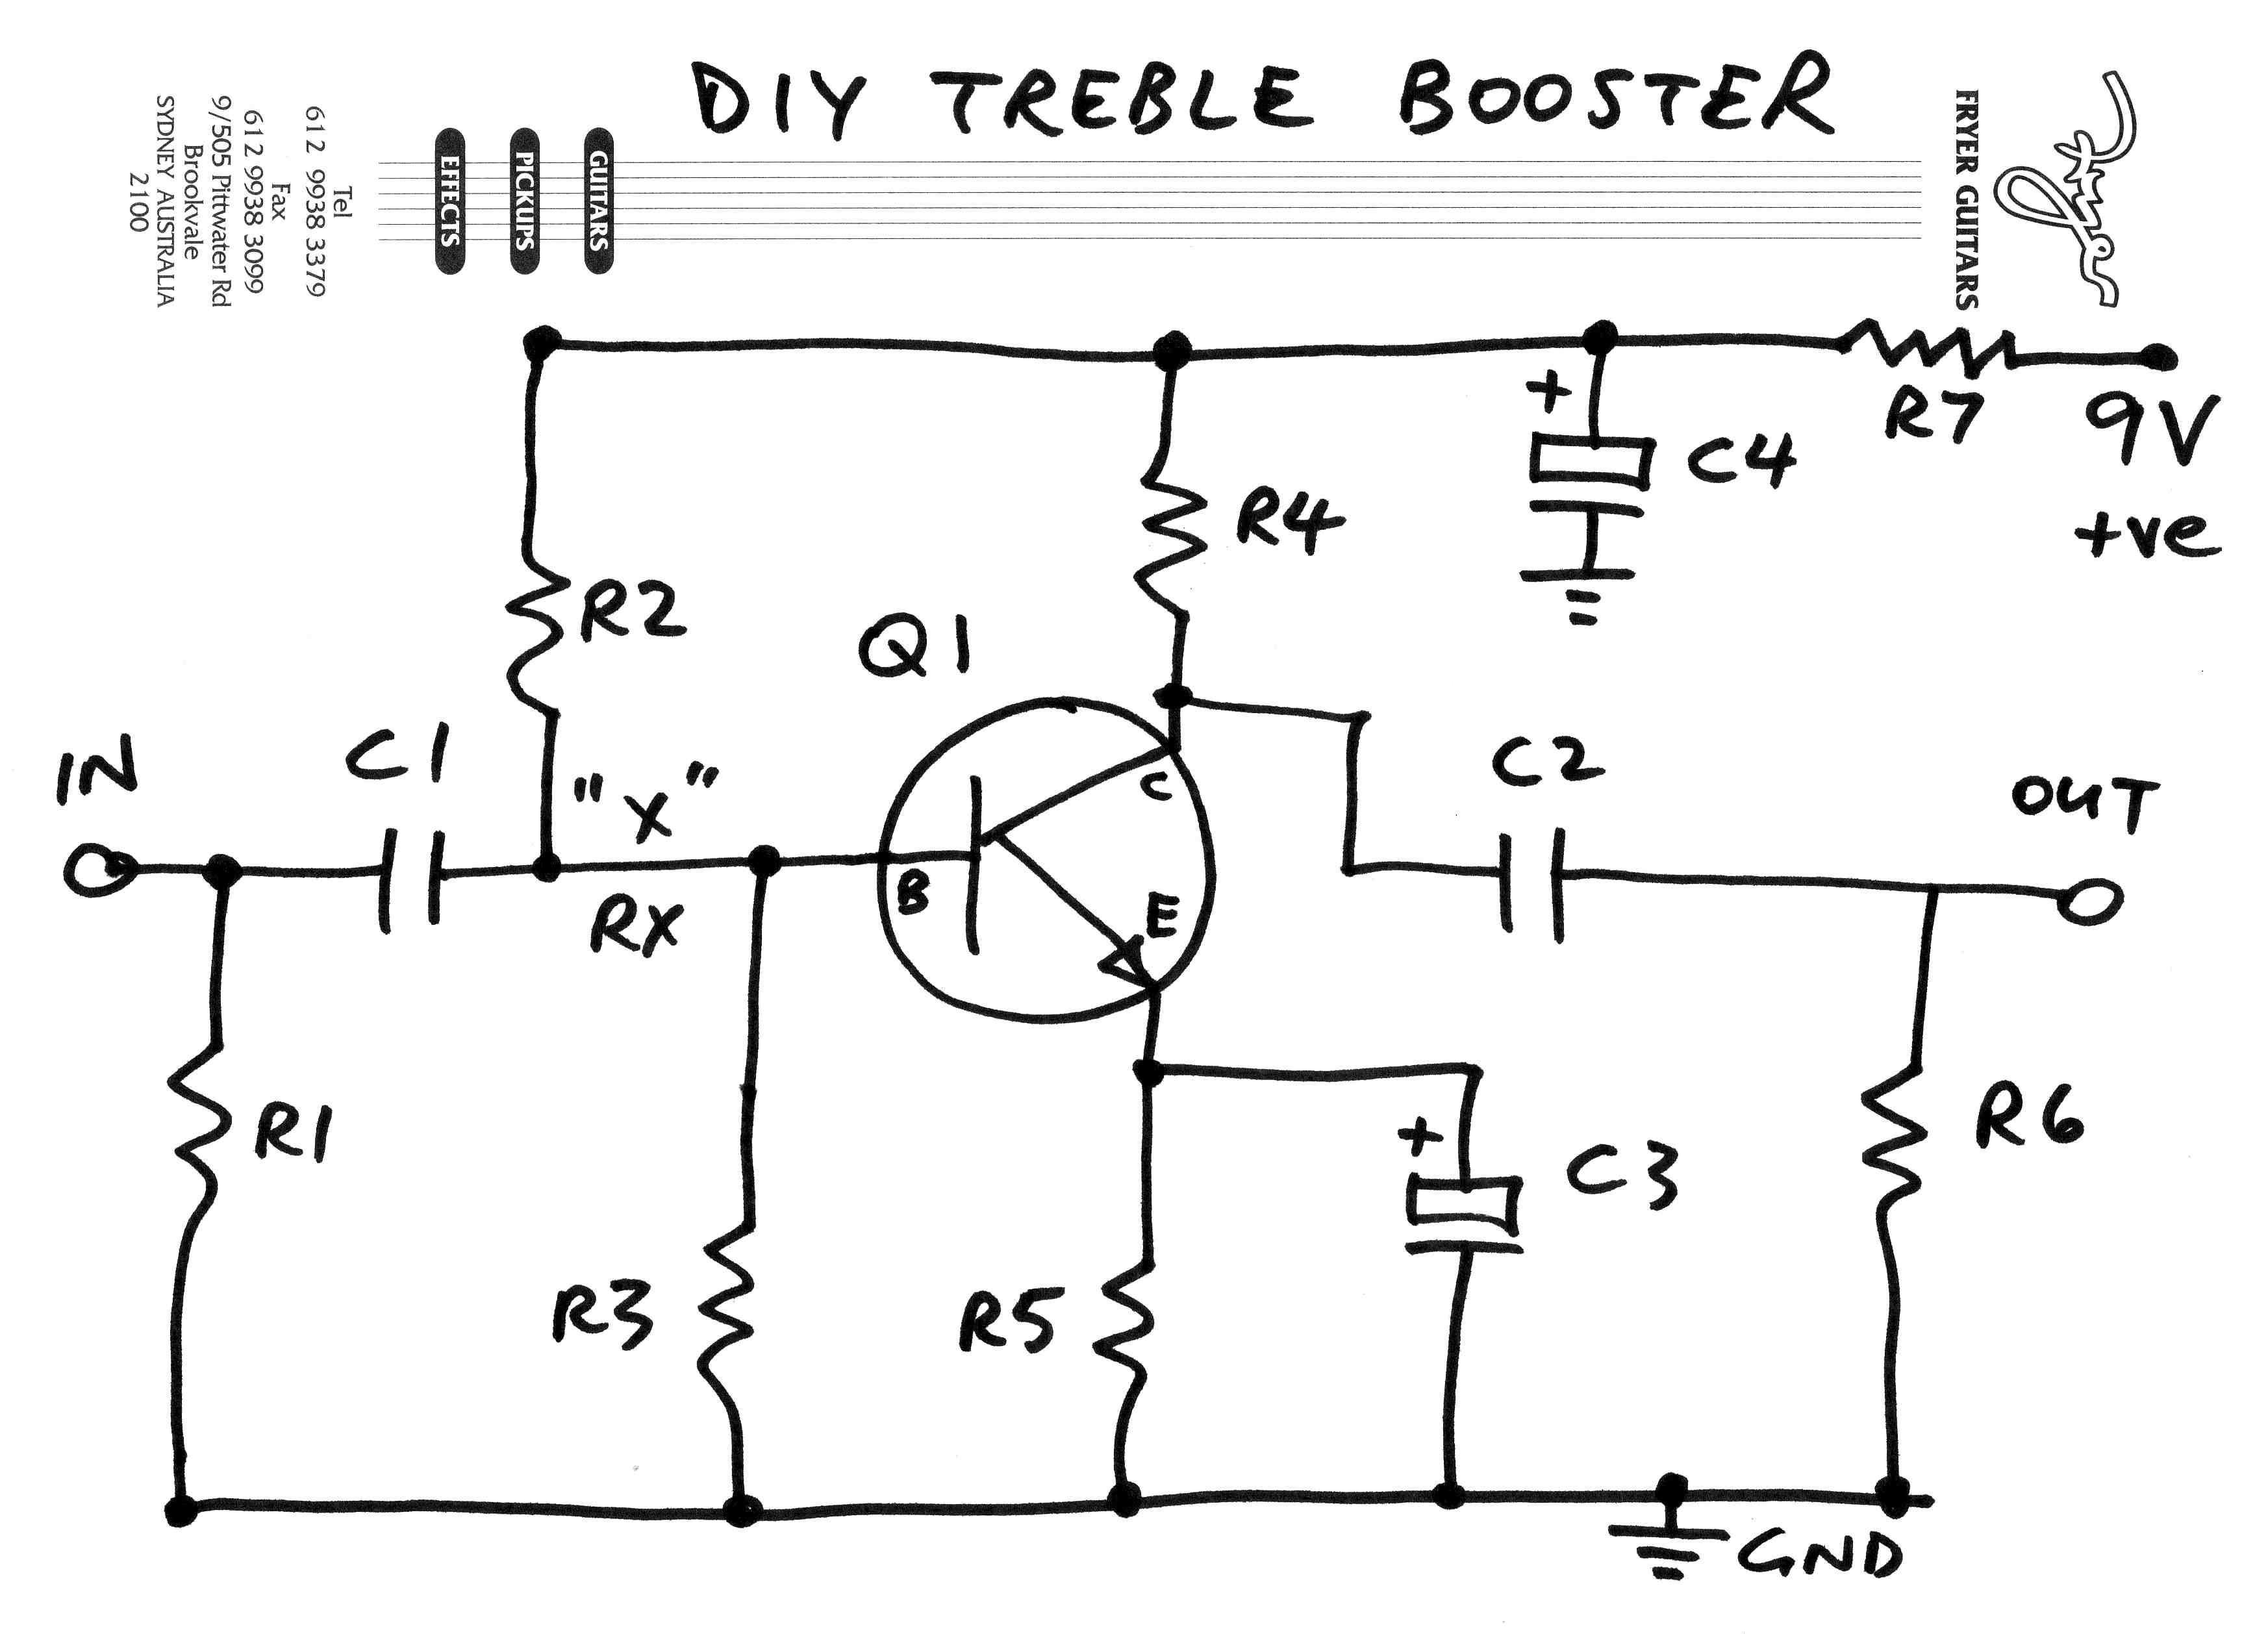 treble booster schematic